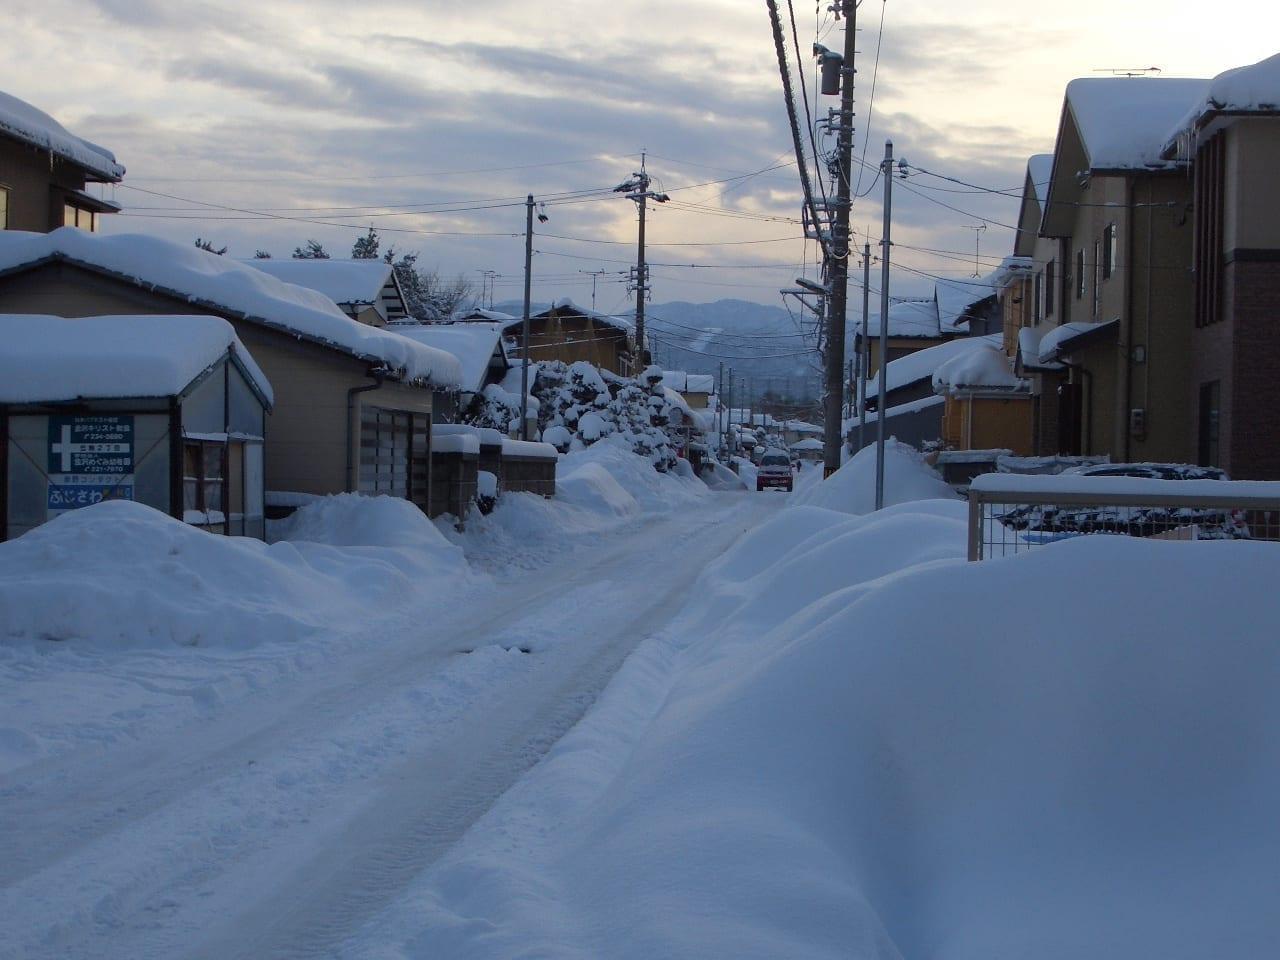 Nieve pesada en Kanazawa Kanazawa Japón